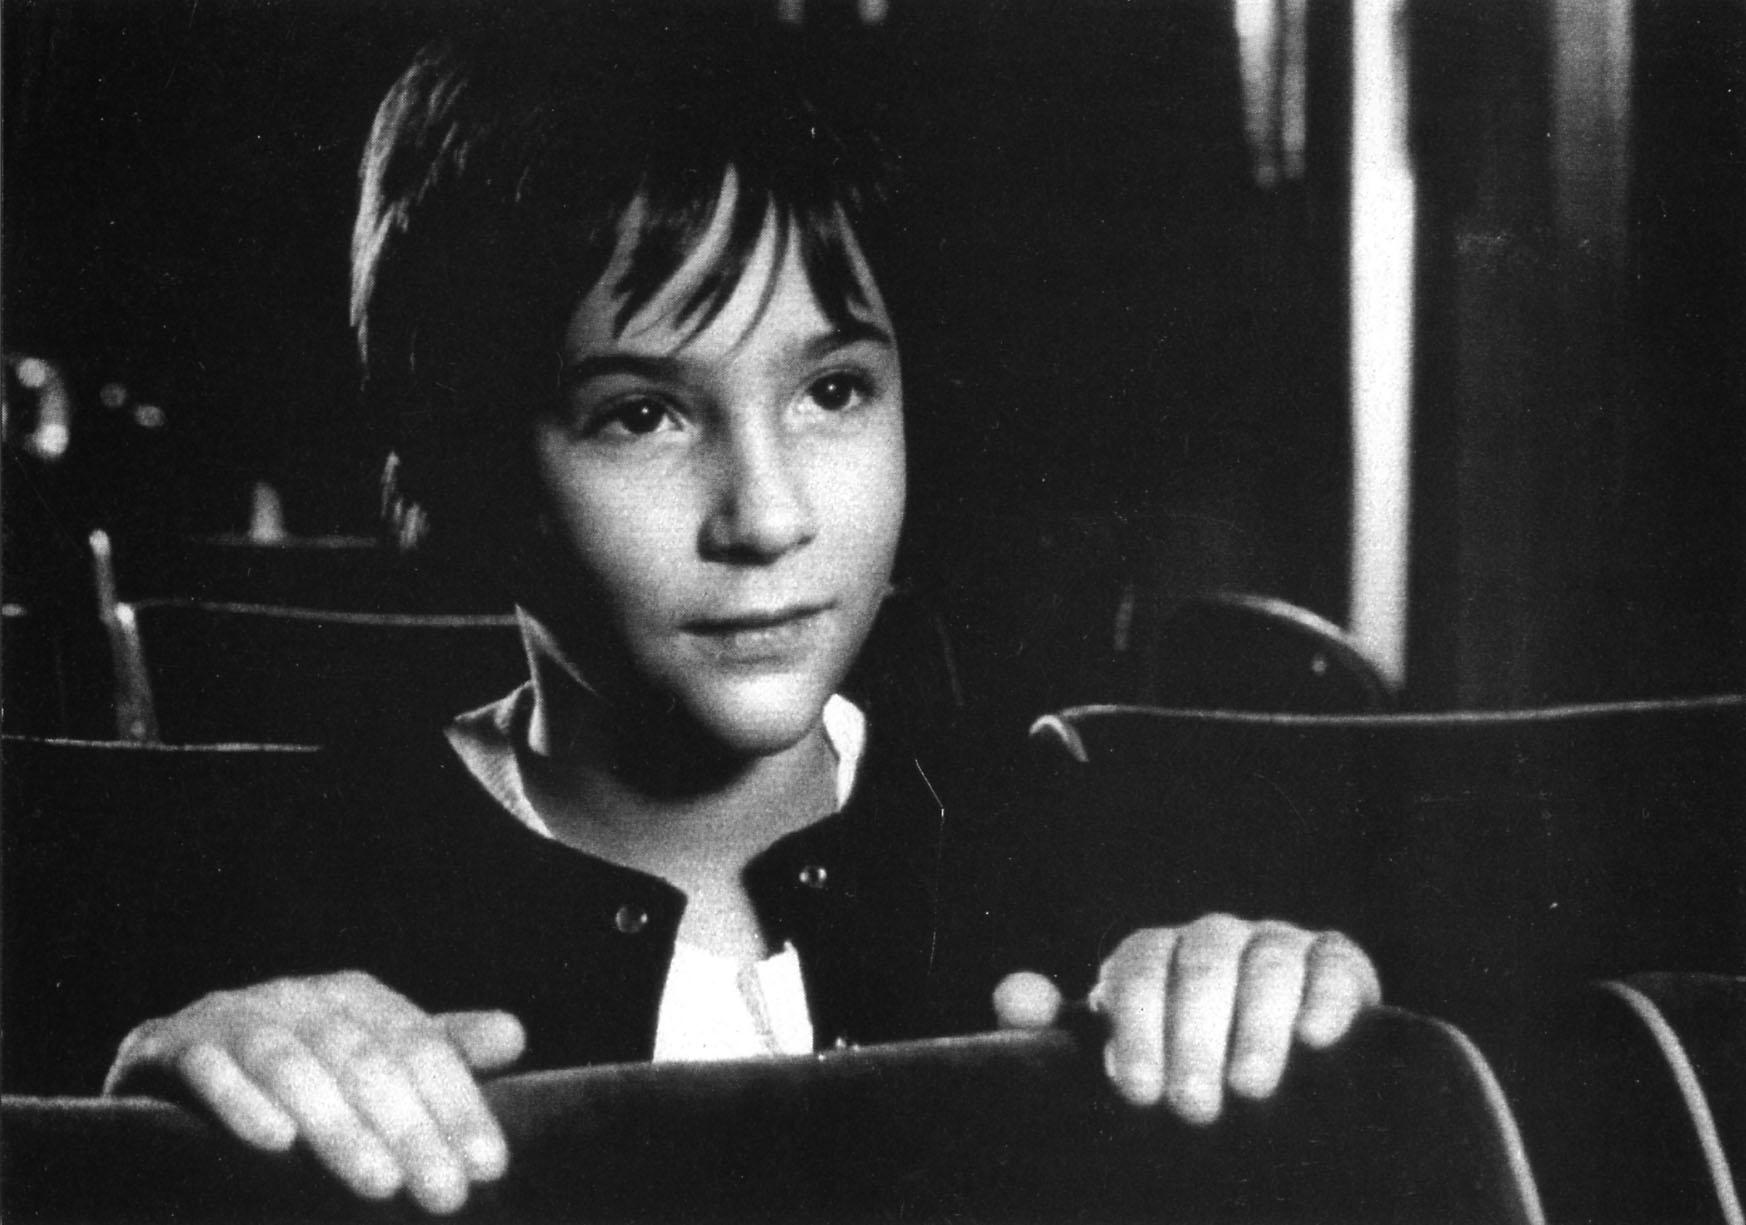 Je suis vraiment tenté par une carrière dans le ciné, depuis que j'ai vu ecole-de-cinema.eu